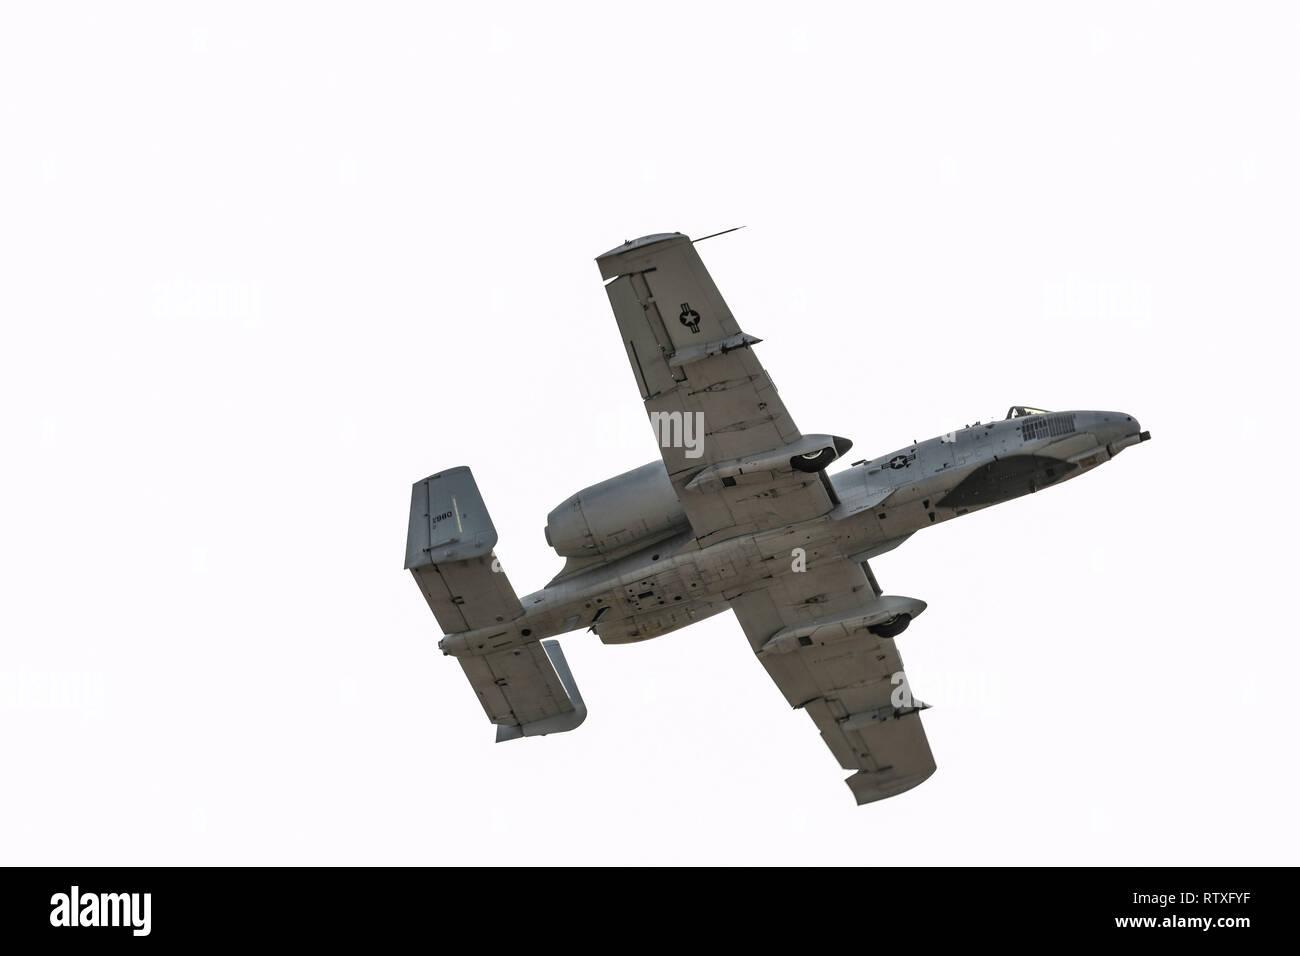 La U.S. Air Force A-10 Thunderbolt II simule un mitraillage exécuter pendant le vol du patrimoine 2019 Cours de formation et de certification à la base aérienne Davis-Monthan Air Force Base en Arizona, 1 er mars 2019. L'avion moderne qui ont participé au CCCPP étaient le F-35 Lightning II, le F-22 Raptor, le F-16 Fighting Falcon et le A-10 Thunderbolt C II. L'avion historique inclus le P-51 et T-51 Mustang, le P-40 Warhawk, le P-38 Lightning, le P-47 Thunderbolt et le F-86 Sabre. (U.S. Photo de l'Armée de l'air par la Haute Airman Giovanni Sims) Banque D'Images